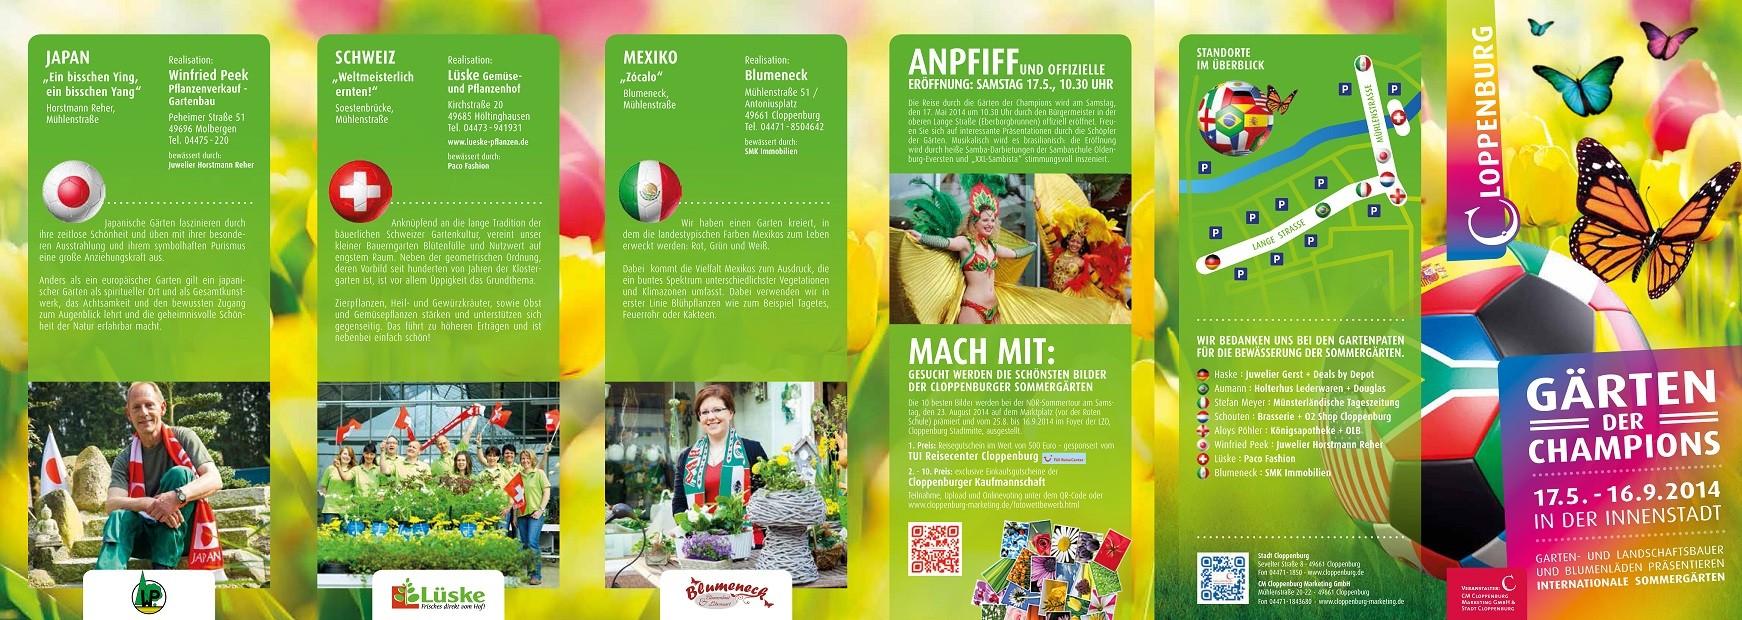 Fotos von den Gärtner: Lydia Baitinger, Design: Stiebi Design, Veranstalter: CM Cloppenburg Marketing GmbH & Stadt Cloppenburg